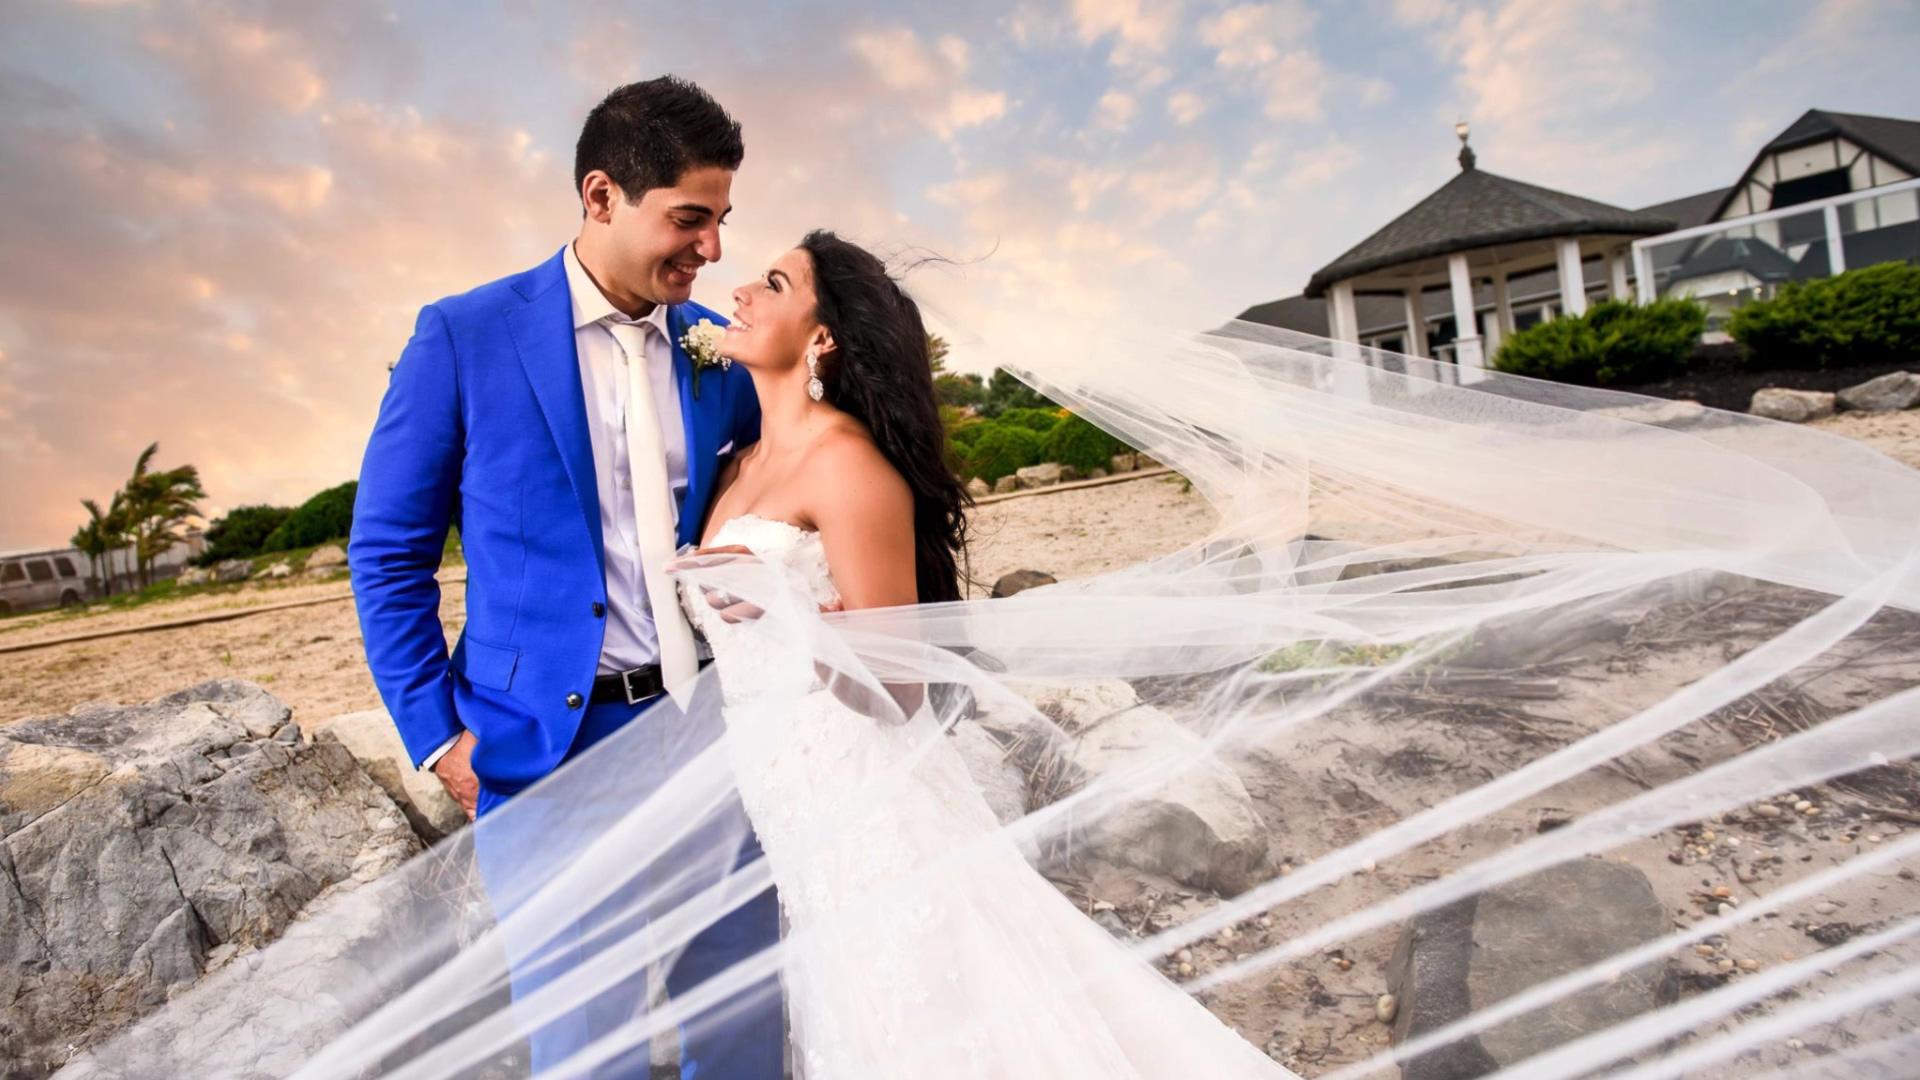 2020_Lands_End_Wedding_Photos_1080p